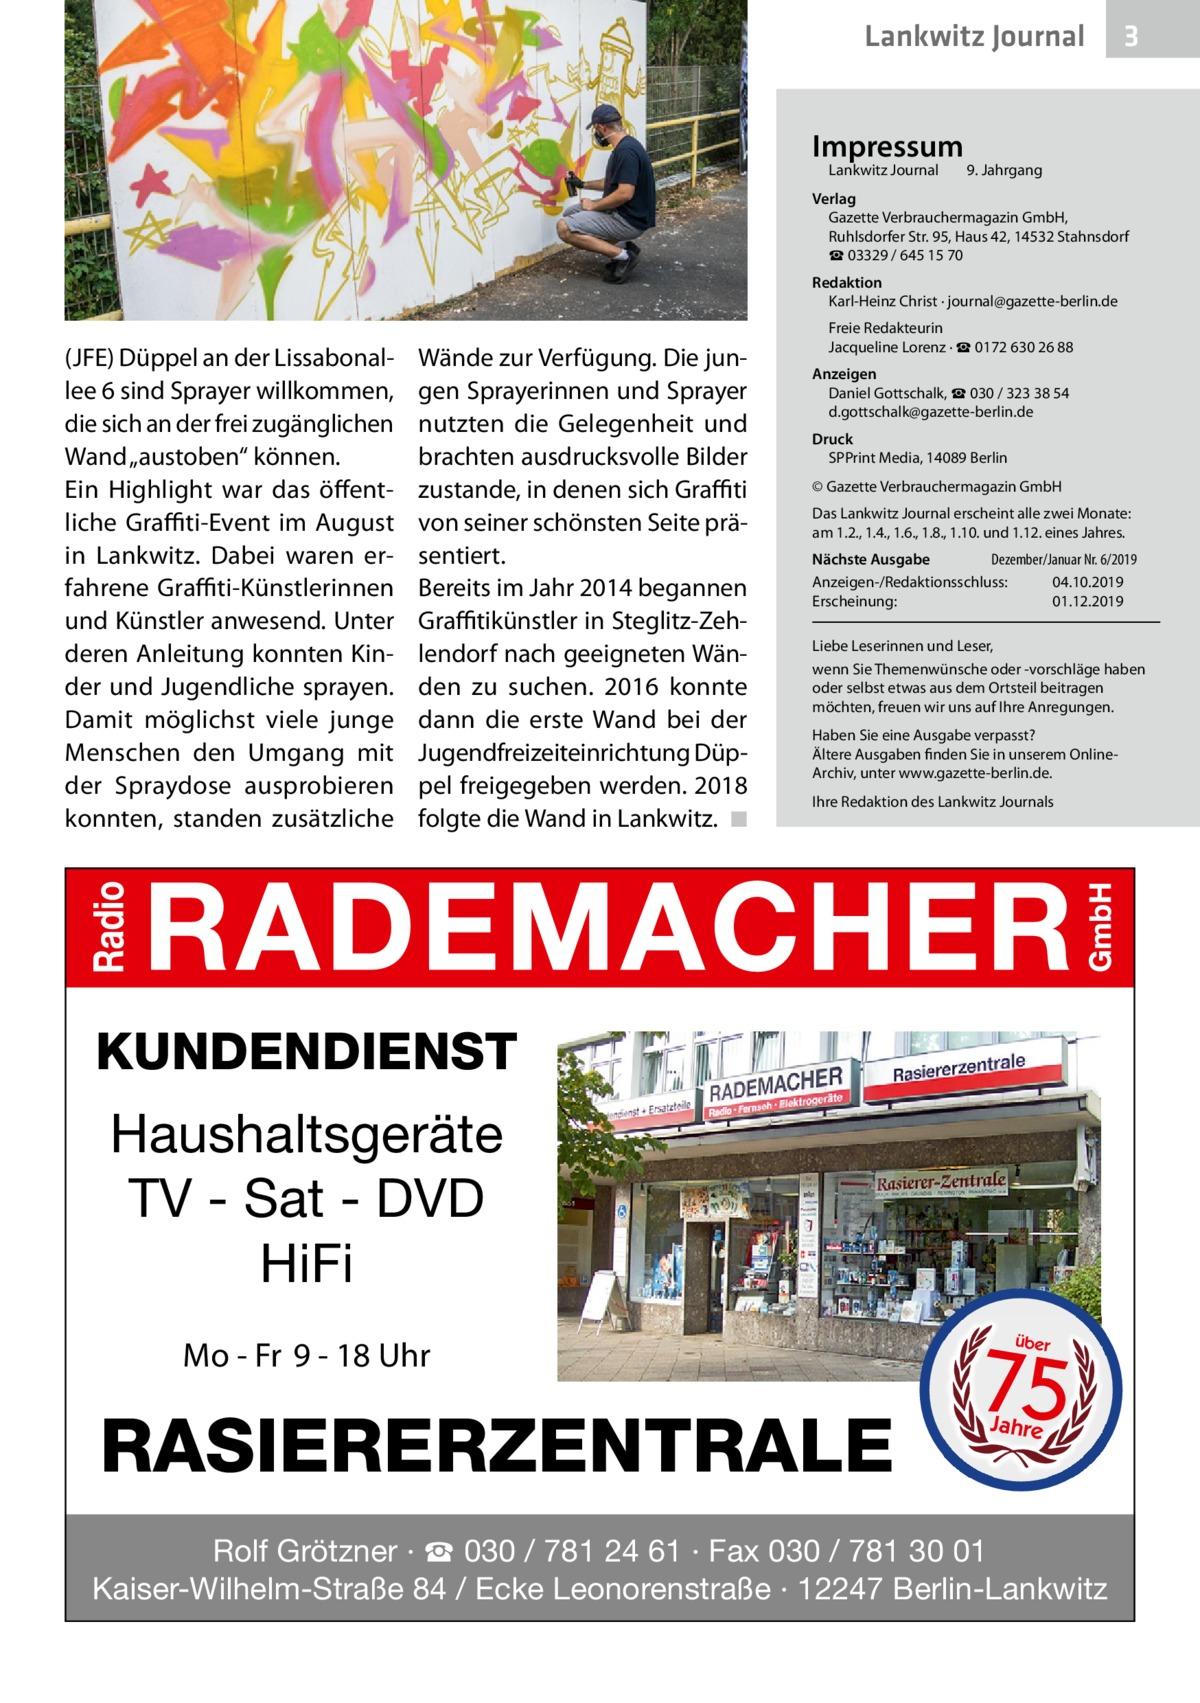 """Lankwitz Journal Impressum Lankwitz Journal   3  9. Jahrgang  Verlag Gazette Verbrauchermagazin GmbH, RuhlsdorferStr.95, Haus 42, 14532 Stahnsdorf ☎ 03329 / 645 15 70 Redaktion Karl-Heinz Christ · journal@gazette-berlin.de  (JFE) Düppel an der Lissabonallee 6 sind Sprayer willkommen, die sich an der frei zugänglichen Wand """"austoben"""" können. Ein Highlight war das öffentliche Graffiti-Event im August in Lankwitz. Dabei waren erfahrene Graffiti-Künstlerinnen und Künstler anwesend. Unter deren Anleitung konnten Kinder und Jugendliche sprayen. Damit möglichst viele junge Menschen den Umgang mit der Spraydose ausprobieren konnten, standen zusätzliche  Wände zur Verfügung. Die jungen Sprayerinnen und Sprayer nutzten die Gelegenheit und brachten ausdrucksvolle Bilder zustande, in denen sich Graffiti von seiner schönsten Seite präsentiert. Bereits im Jahr 2014 begannen Graffitikünstler in Steglitz-Zehlendorf nach geeigneten Wänden zu suchen. 2016 konnte dann die erste Wand bei der Jugendfreizeiteinrichtung Düppel freigegeben werden. 2018 folgte die Wand in Lankwitz. �◾  Freie Redakteurin Jacqueline Lorenz · ☎ 01726302688 Anzeigen Daniel Gottschalk, ☎ 030 / 323 38 54 d.gottschalk@gazette-berlin.de Druck SPPrint Media, 14089Berlin © Gazette Verbrauchermagazin GmbH Das Lankwitz Journal erscheint alle zwei Monate: am 1.2., 1.4., 1.6., 1.8., 1.10. und 1.12. eines Jahres. Nächste Ausgabe  Dezember/Januar Nr. 6/2019 Anzeigen-/Redaktionsschluss:04.10.2019 Erscheinung:01.12.2019 Liebe Leserinnen und Leser, wenn Sie Themenwünsche oder -vorschläge haben oder selbst etwas aus dem Ortsteil beitragen möchten, freuen wir uns auf Ihre Anregungen. Haben Sie eine Ausgabe verpasst? Ältere Ausgaben finden Sie in unserem OnlineArchiv, unter www.gazette-berlin.de. Ihre Redaktion des Lankwitz Journals  KUNDENDIENST  Haushaltsgeräte TV - Sat - DVD HiFi Mo - Fr 9 - 18 Uhr  RASIERERZENTRALE  75 über  Jahre  Rolf Grötzner · ☎ 030 / 781 24 61 · Fax 030 / 781 30 01 Kaiser-Wilhelm-Straße 84 / Ecke Leonor"""